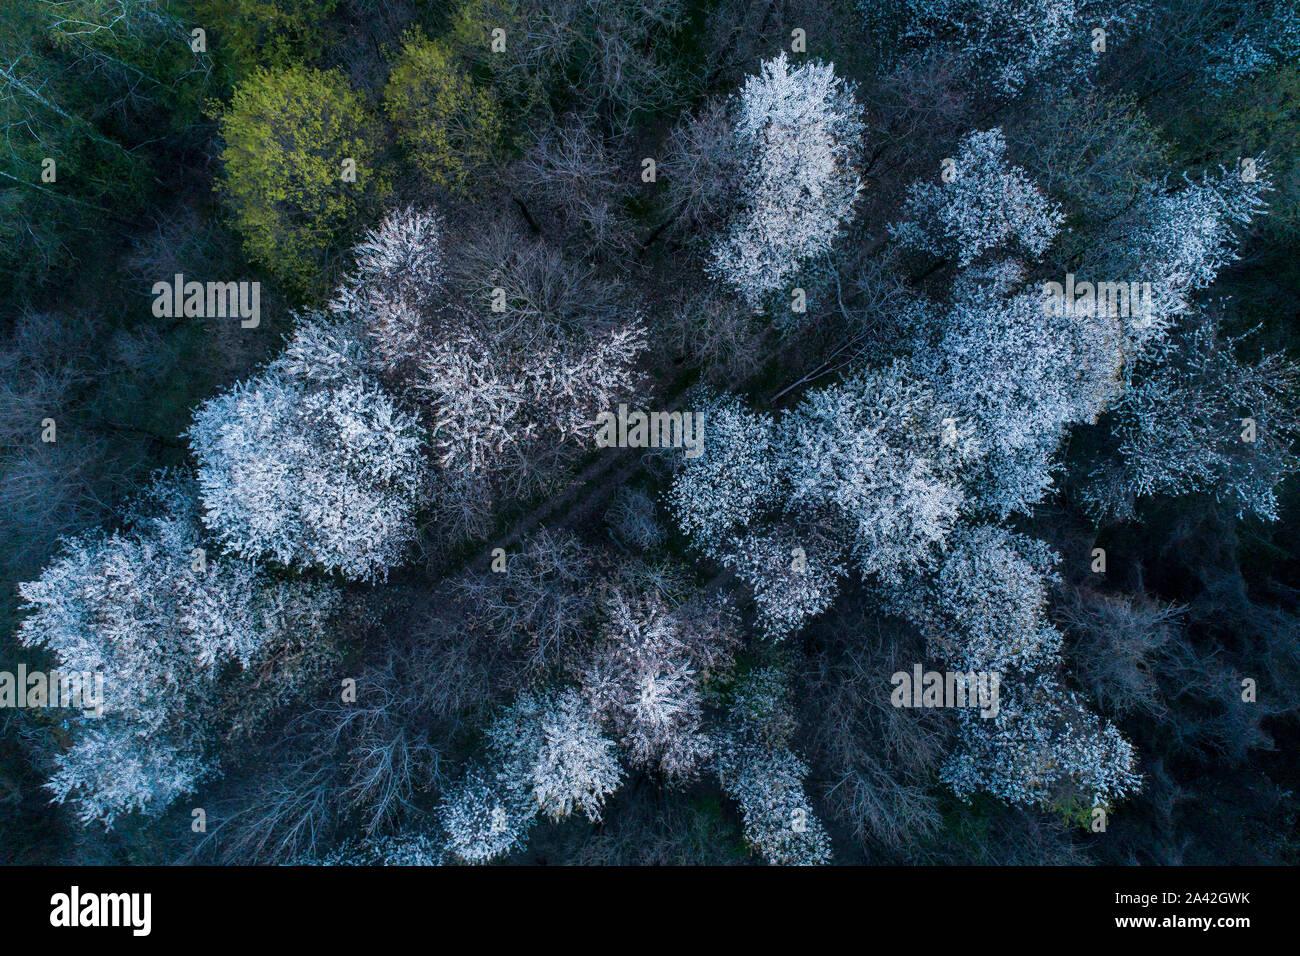 Vue aérienne de la floraison des cerisiers au soir. Voler au-dessus de verger. Contexte d'arbres à fleurs blanches vu de dessus. Banque D'Images